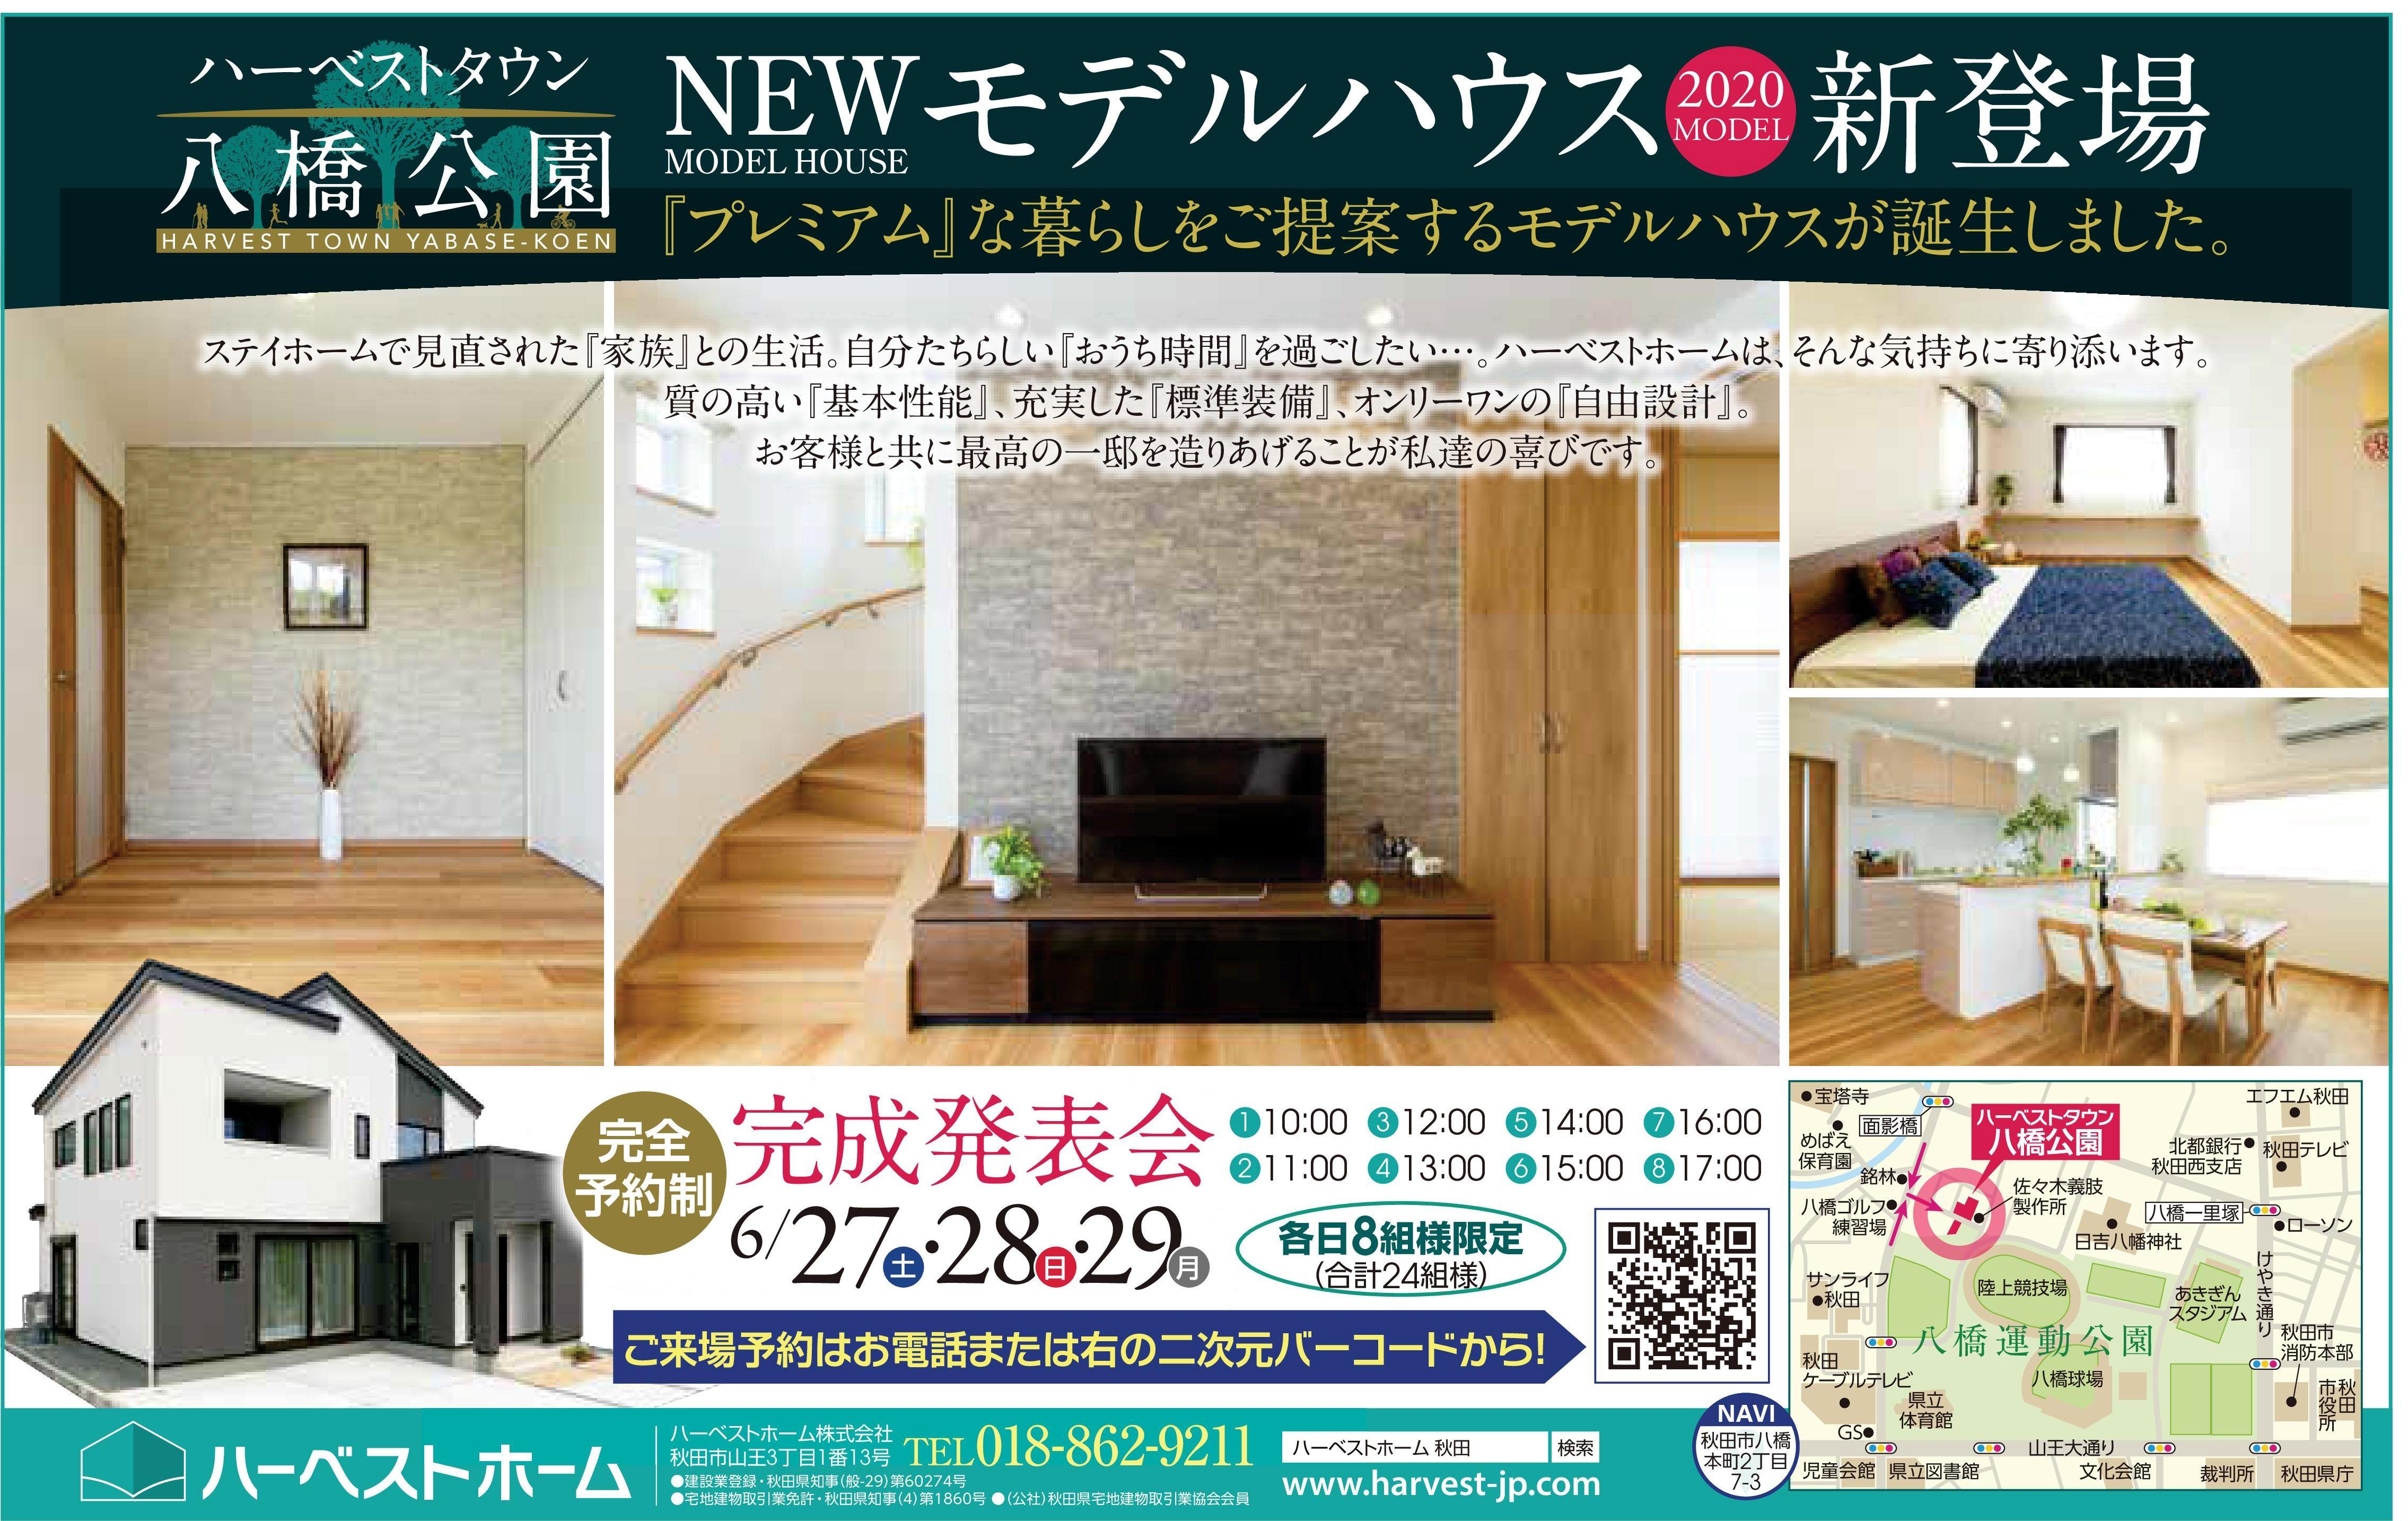 『八橋公園モデルハウス」…いよいよオープン!